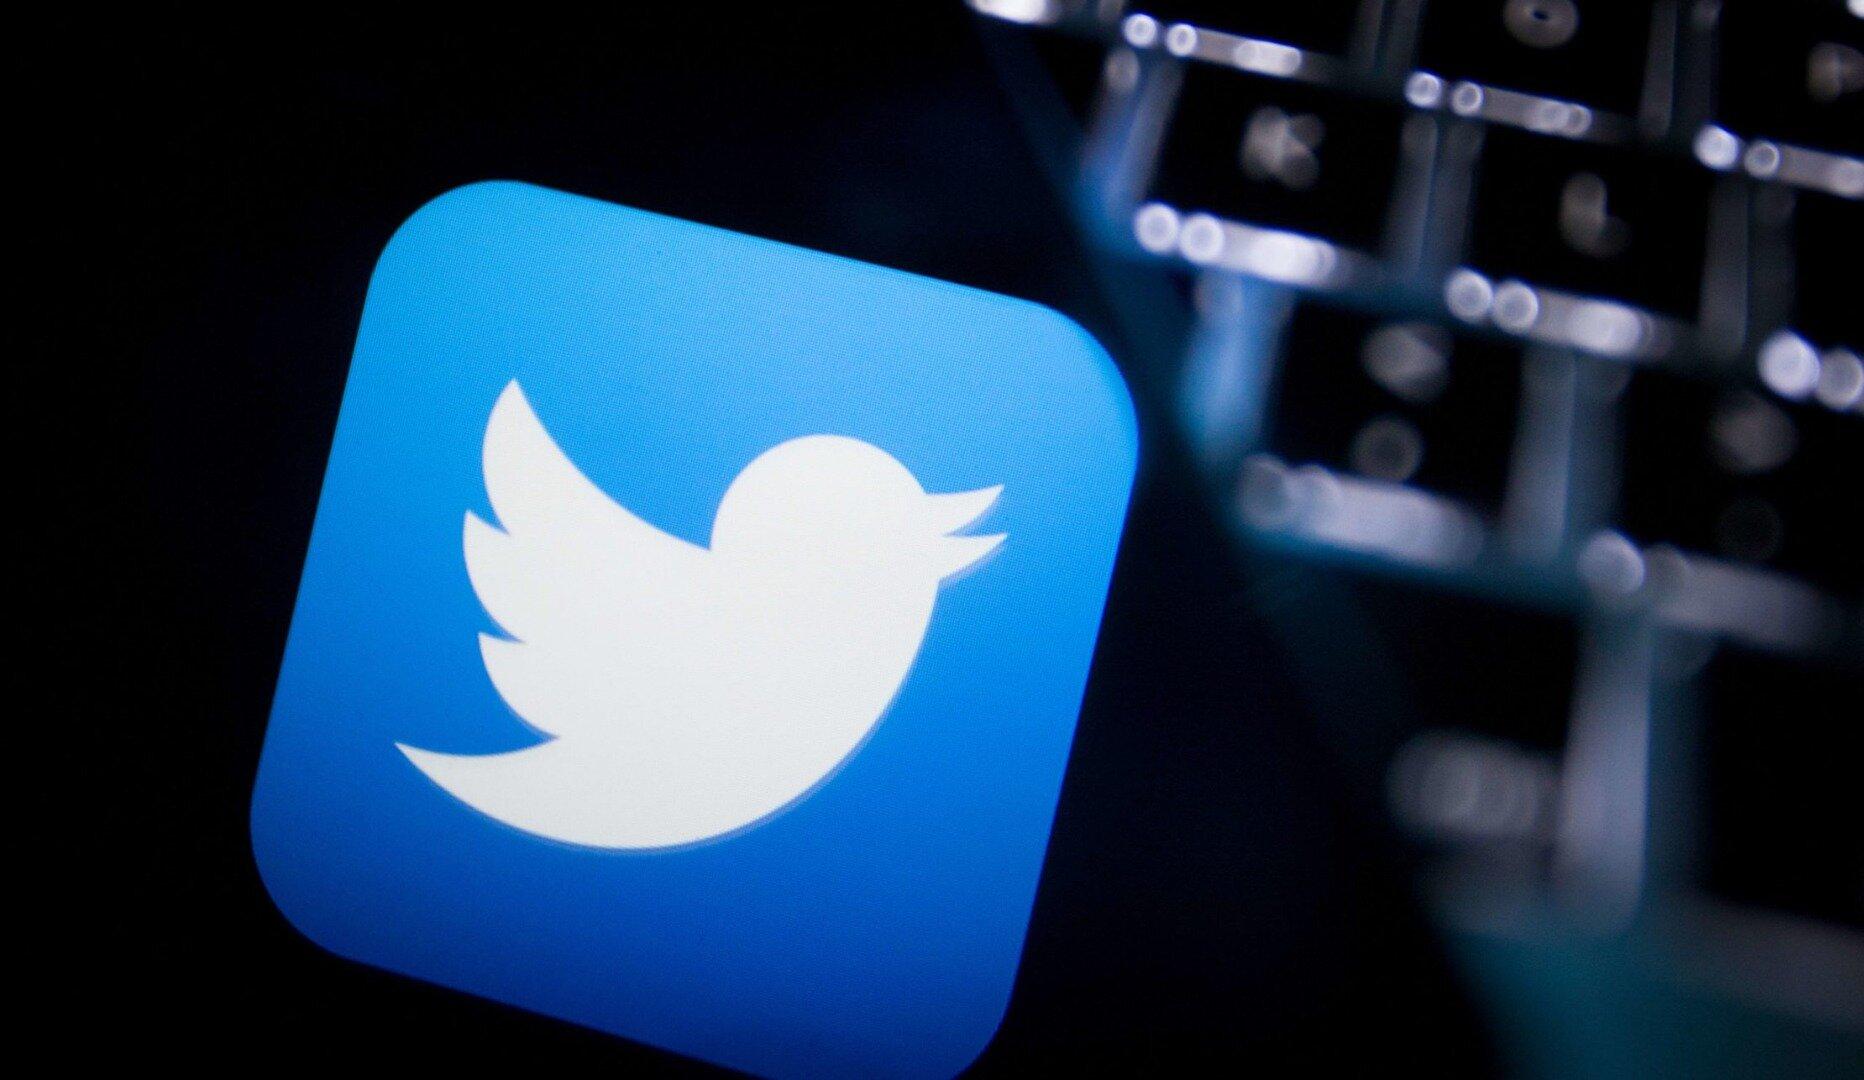 روسیه توییتر و فیسبوک را بخاطر عدم حذف محتوای غیرقانونی جریمه کرد